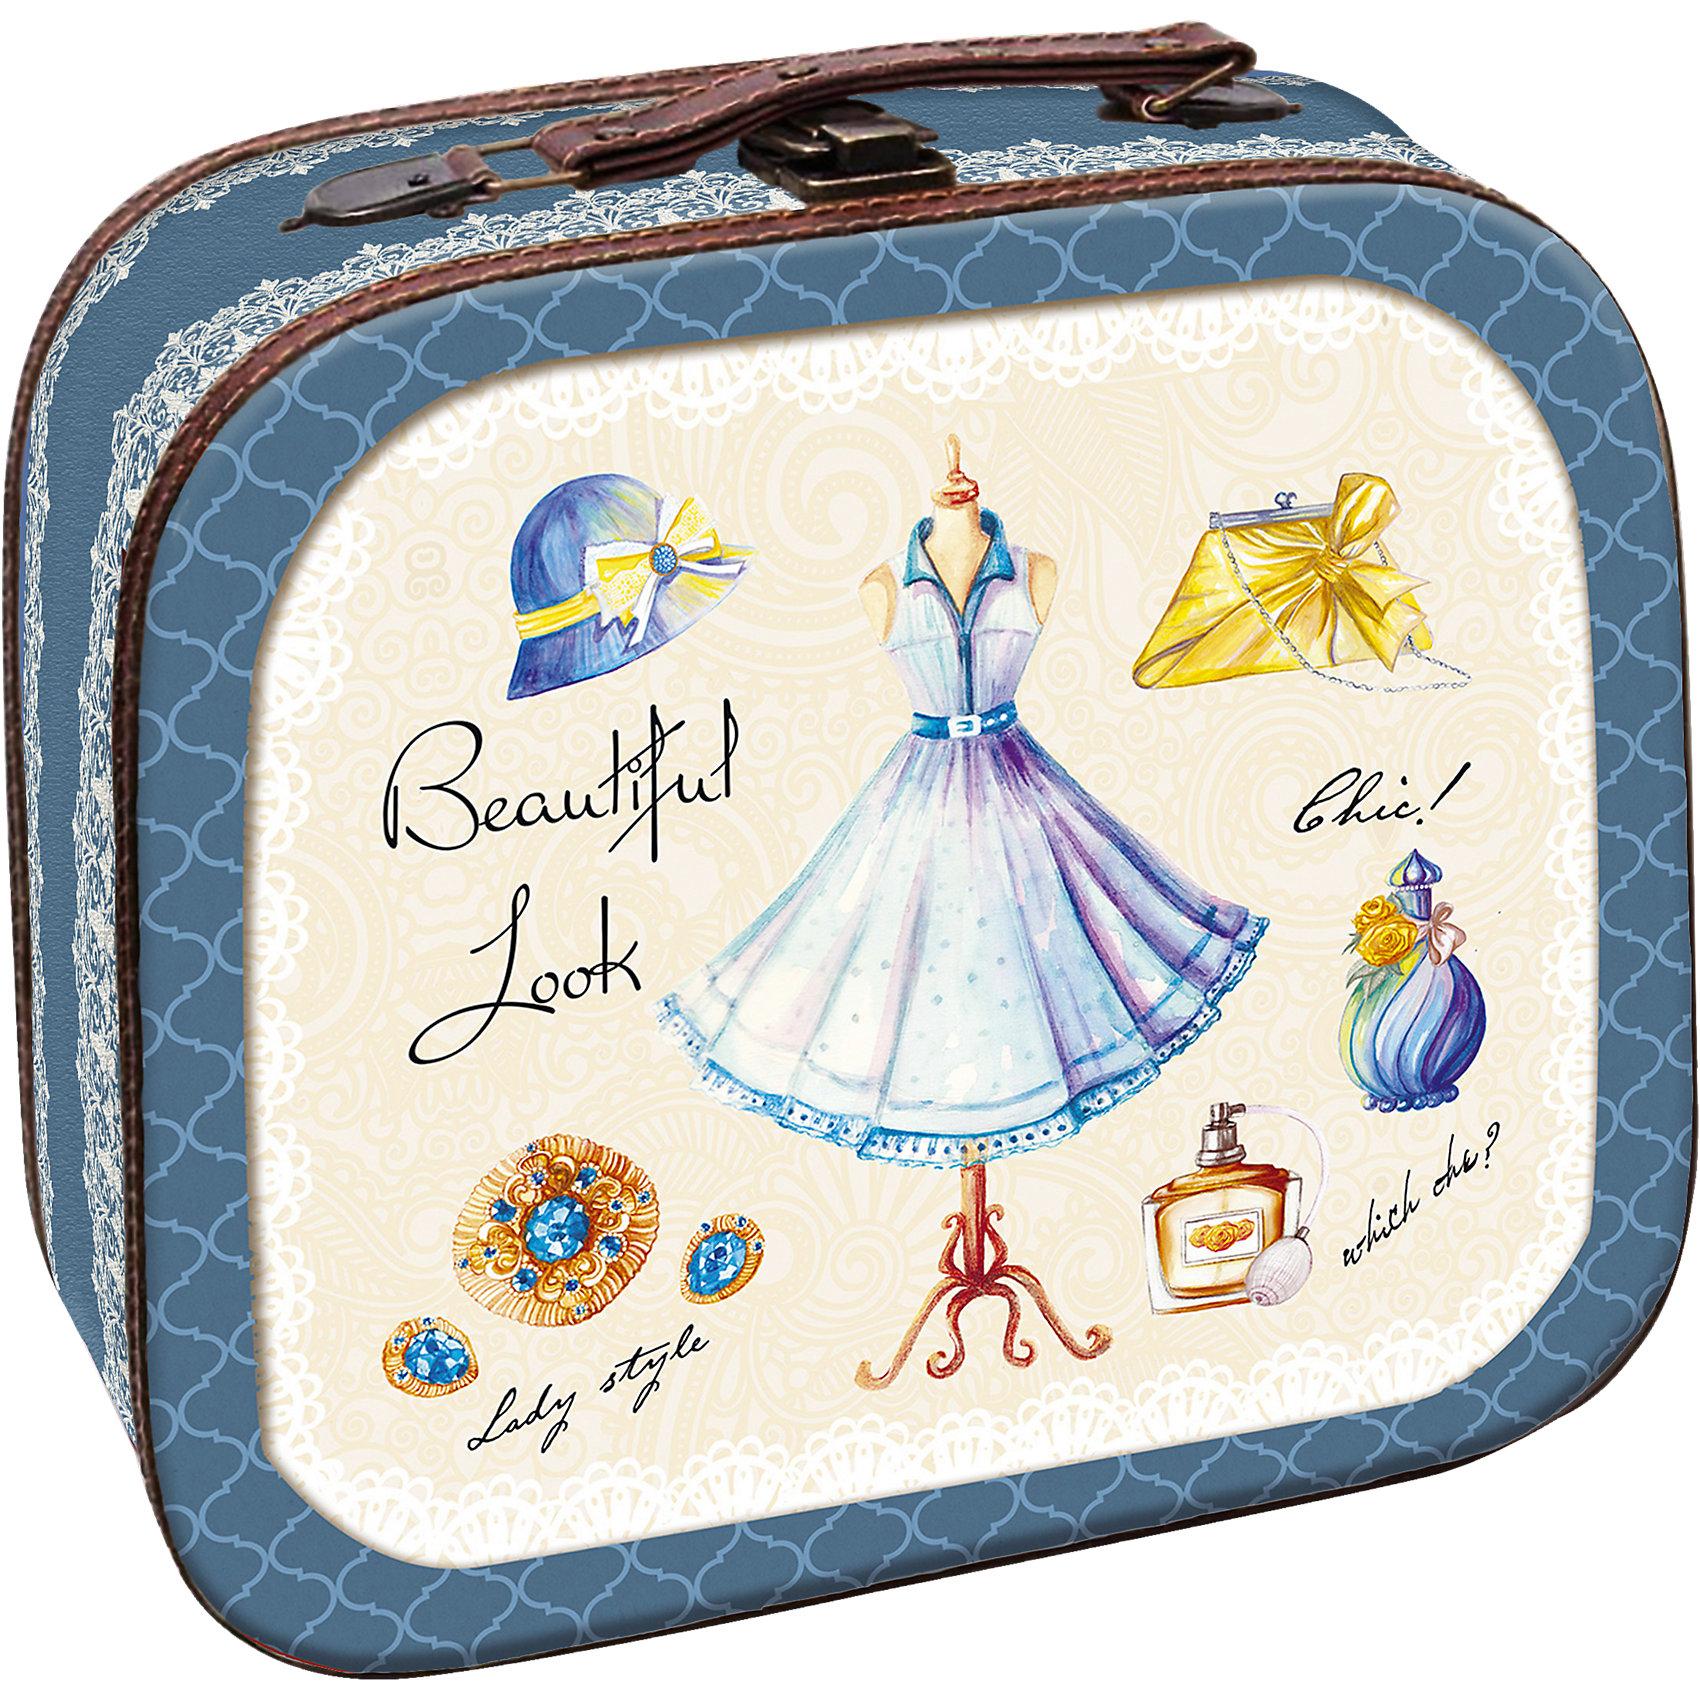 Шкатулка Маленькое платье 28,5*25*10,5 смНовинки для детской<br>Эта оригинальная шкатулка станет замечательным подарком на любой праздник. В ней можно хранить любые мелочи, это не только эффектное украшение интерьера, но и практичный аксессуар, который поможет поддержать порядок и улучшить функциональную организацию пространства. Шкатулка выполнена в виде чемоданчика, с нарисованными на нем дамскими платьями, закрывается на удобный замок, наверху имеет изящную кожаную ручку для переноски.<br><br>Дополнительная информация:<br><br>- Материал: МДФ, металл, кожа.<br>- Размер: 28,5х25х10,5 см.<br>- Металлический замок.<br>- Удобная ручка для переноски.<br><br>Декоративную шкатулку  Маленькое голубое платье можно купить в нашем магазине.<br><br>Ширина мм: 120<br>Глубина мм: 270<br>Высота мм: 300<br>Вес г: 700<br>Возраст от месяцев: 36<br>Возраст до месяцев: 2147483647<br>Пол: Унисекс<br>Возраст: Детский<br>SKU: 4290315